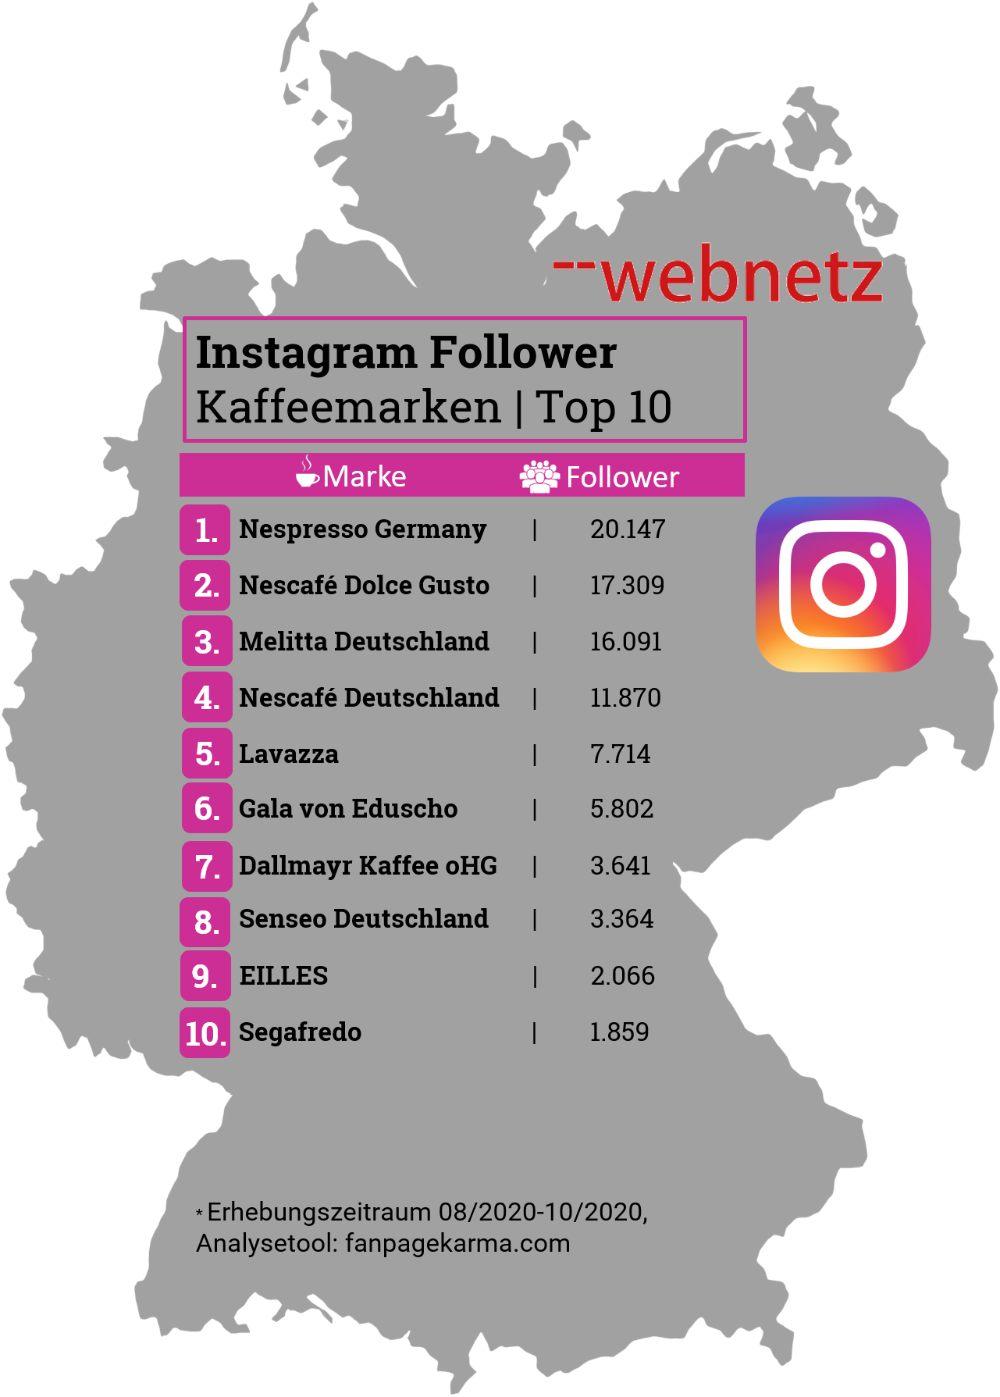 Tabelle mit Instagram Follower von Kaffeemarken Top 10